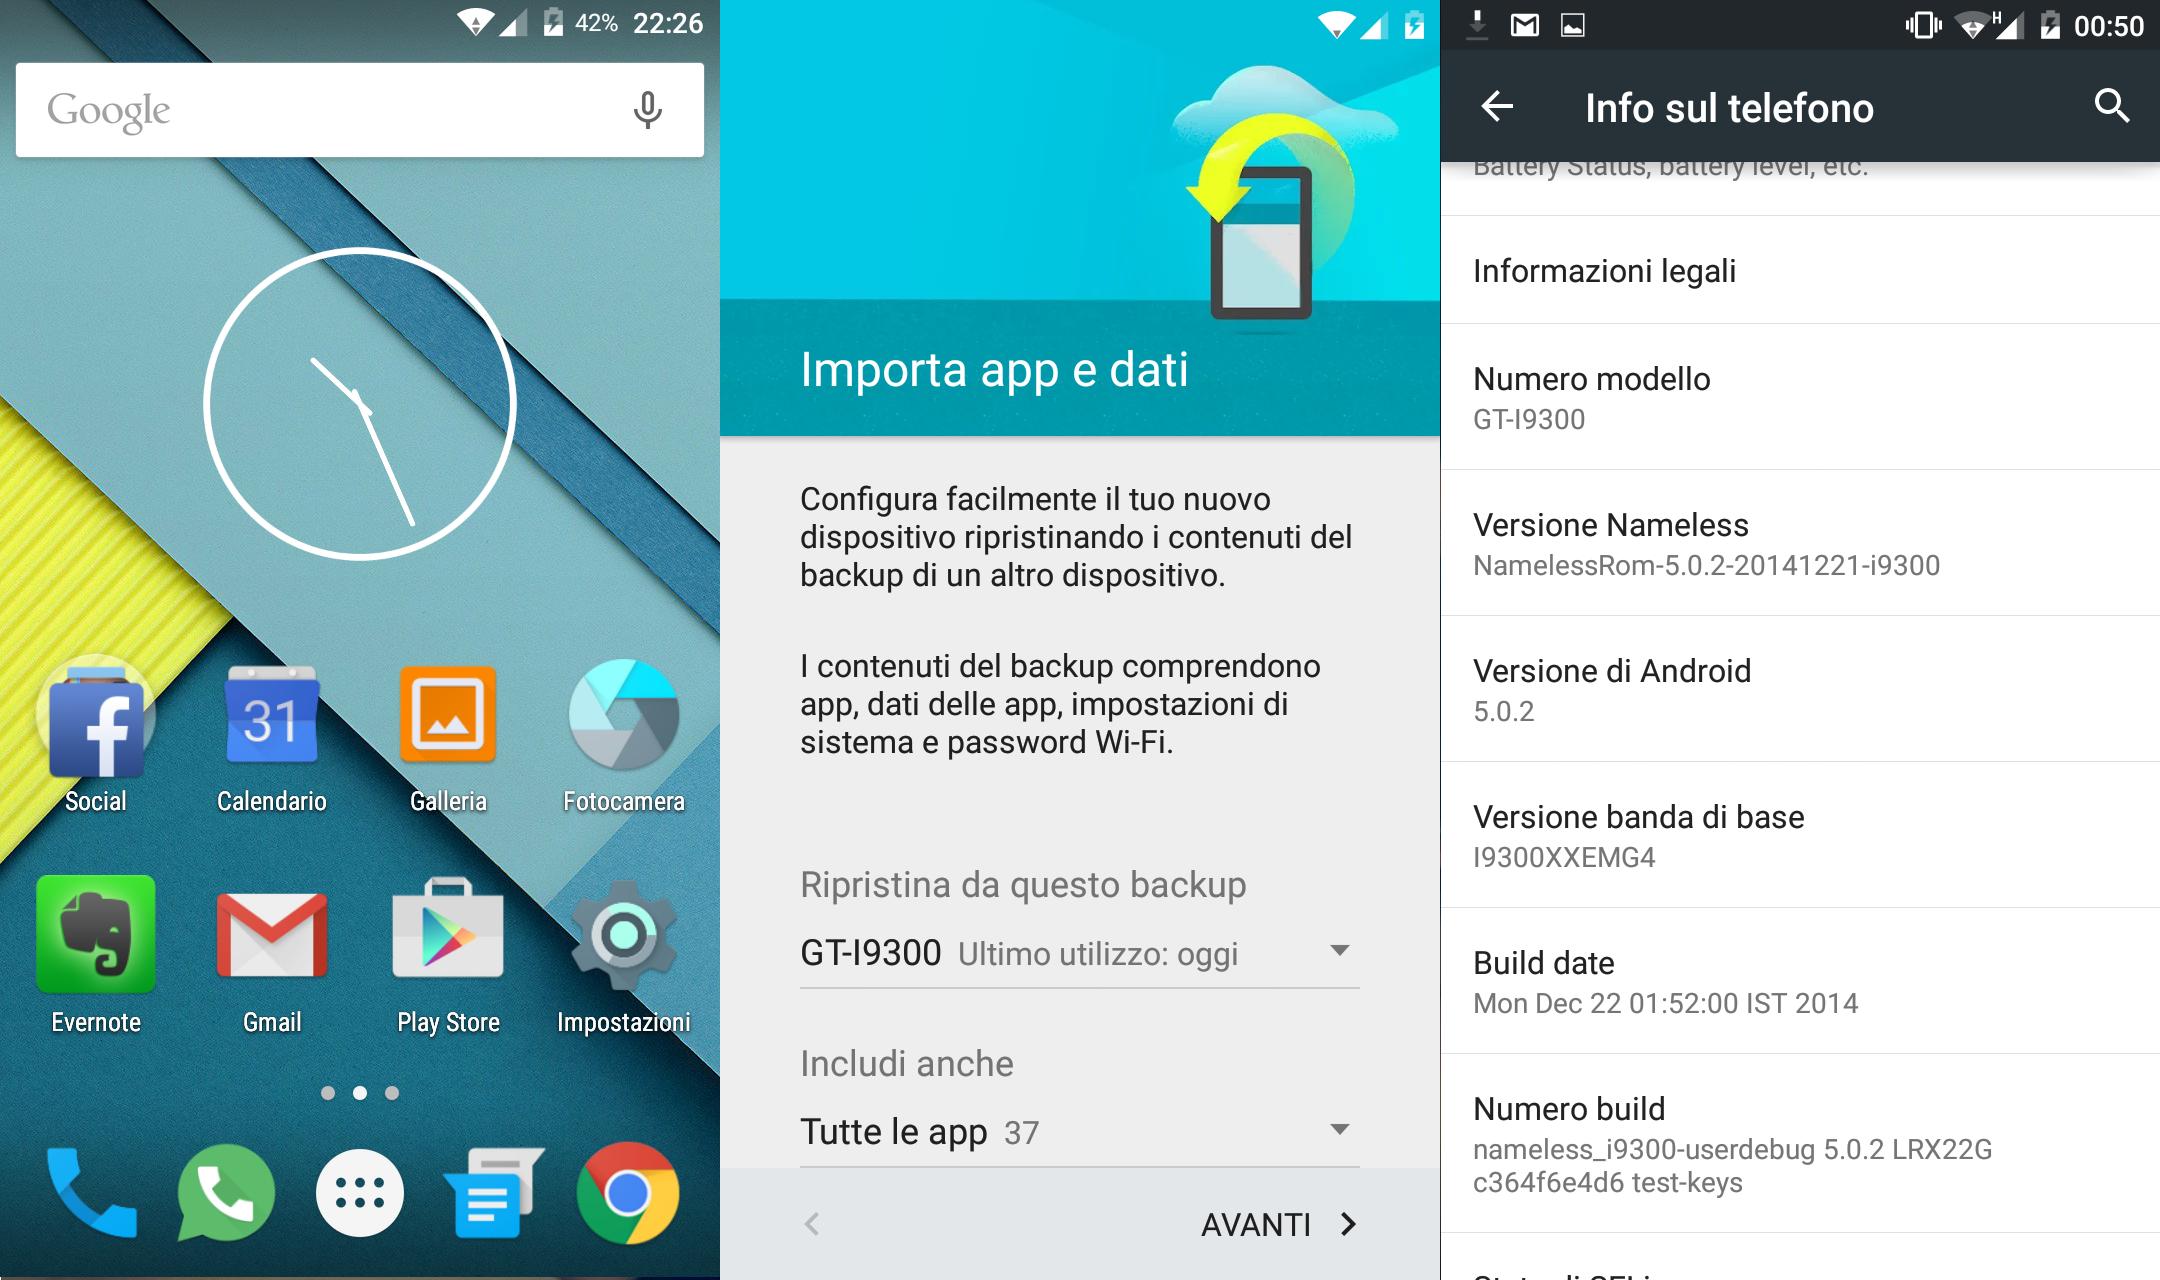 Samsung Galaxy S3 e il caso Lollipop [part. 2]